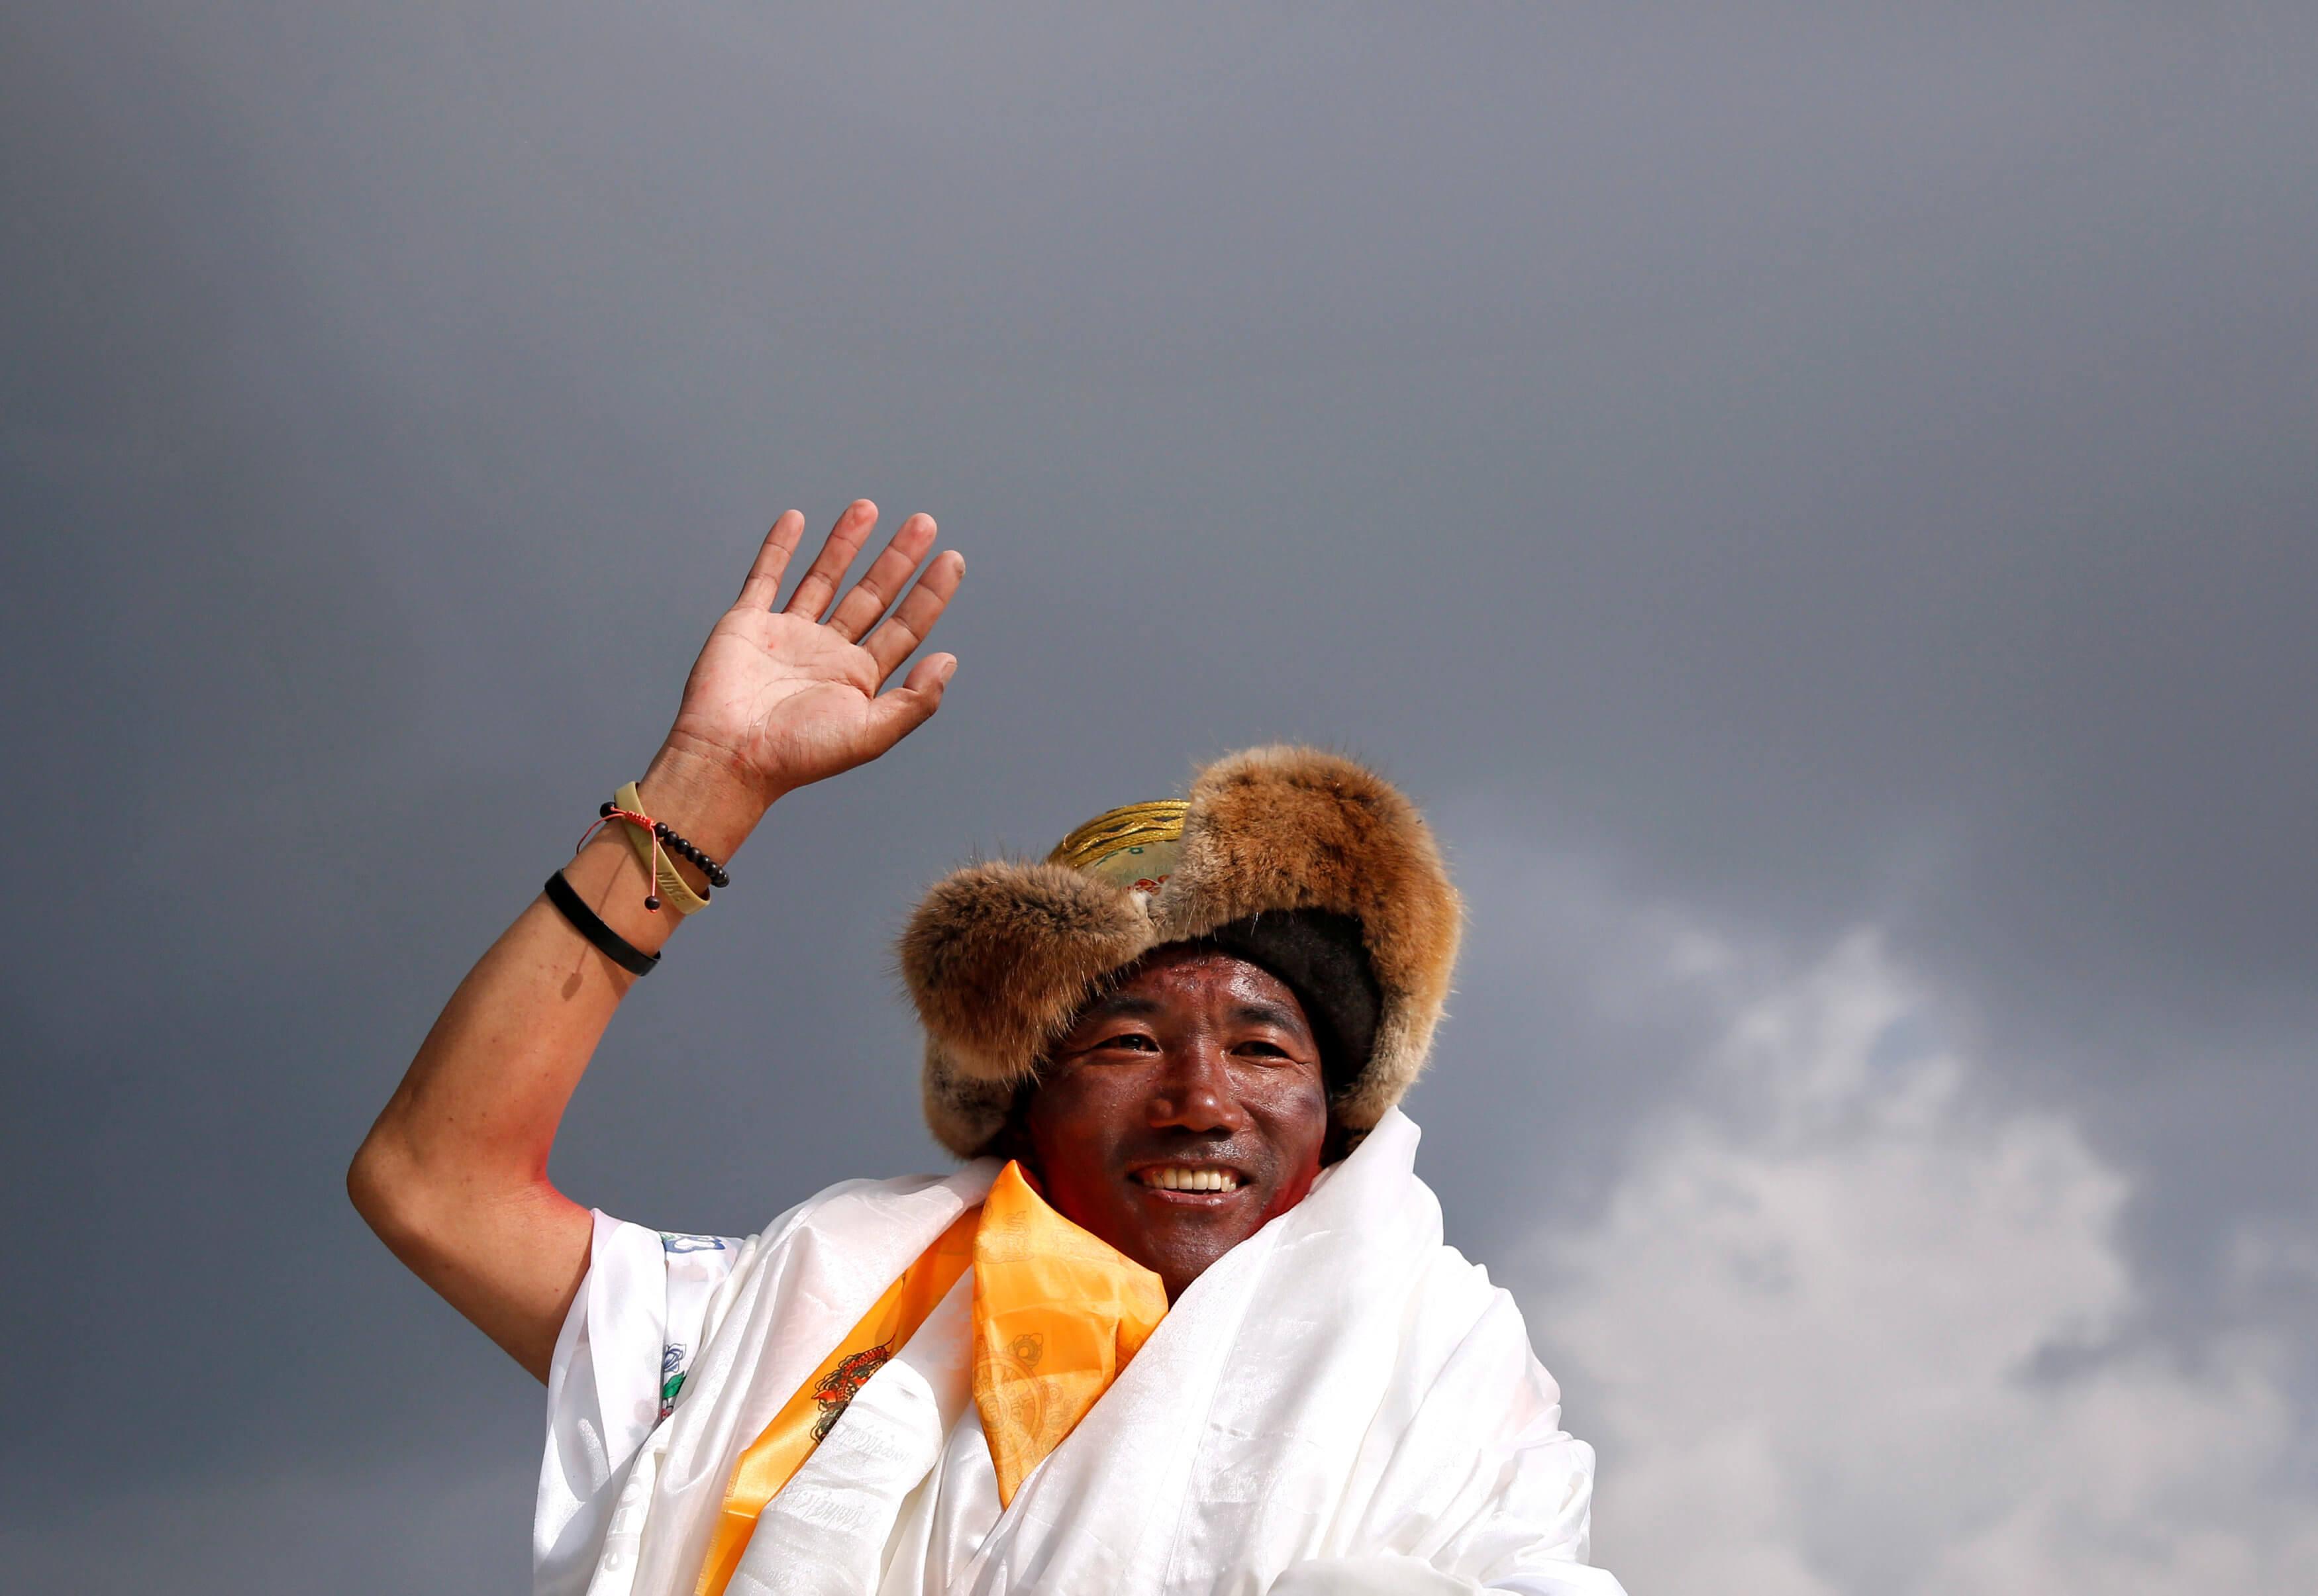 Νεπάλ: Ο Κάμι Ρίτα ανέβηκε για 24η φορά στην υψηλότερη κορυφή του κόσμου